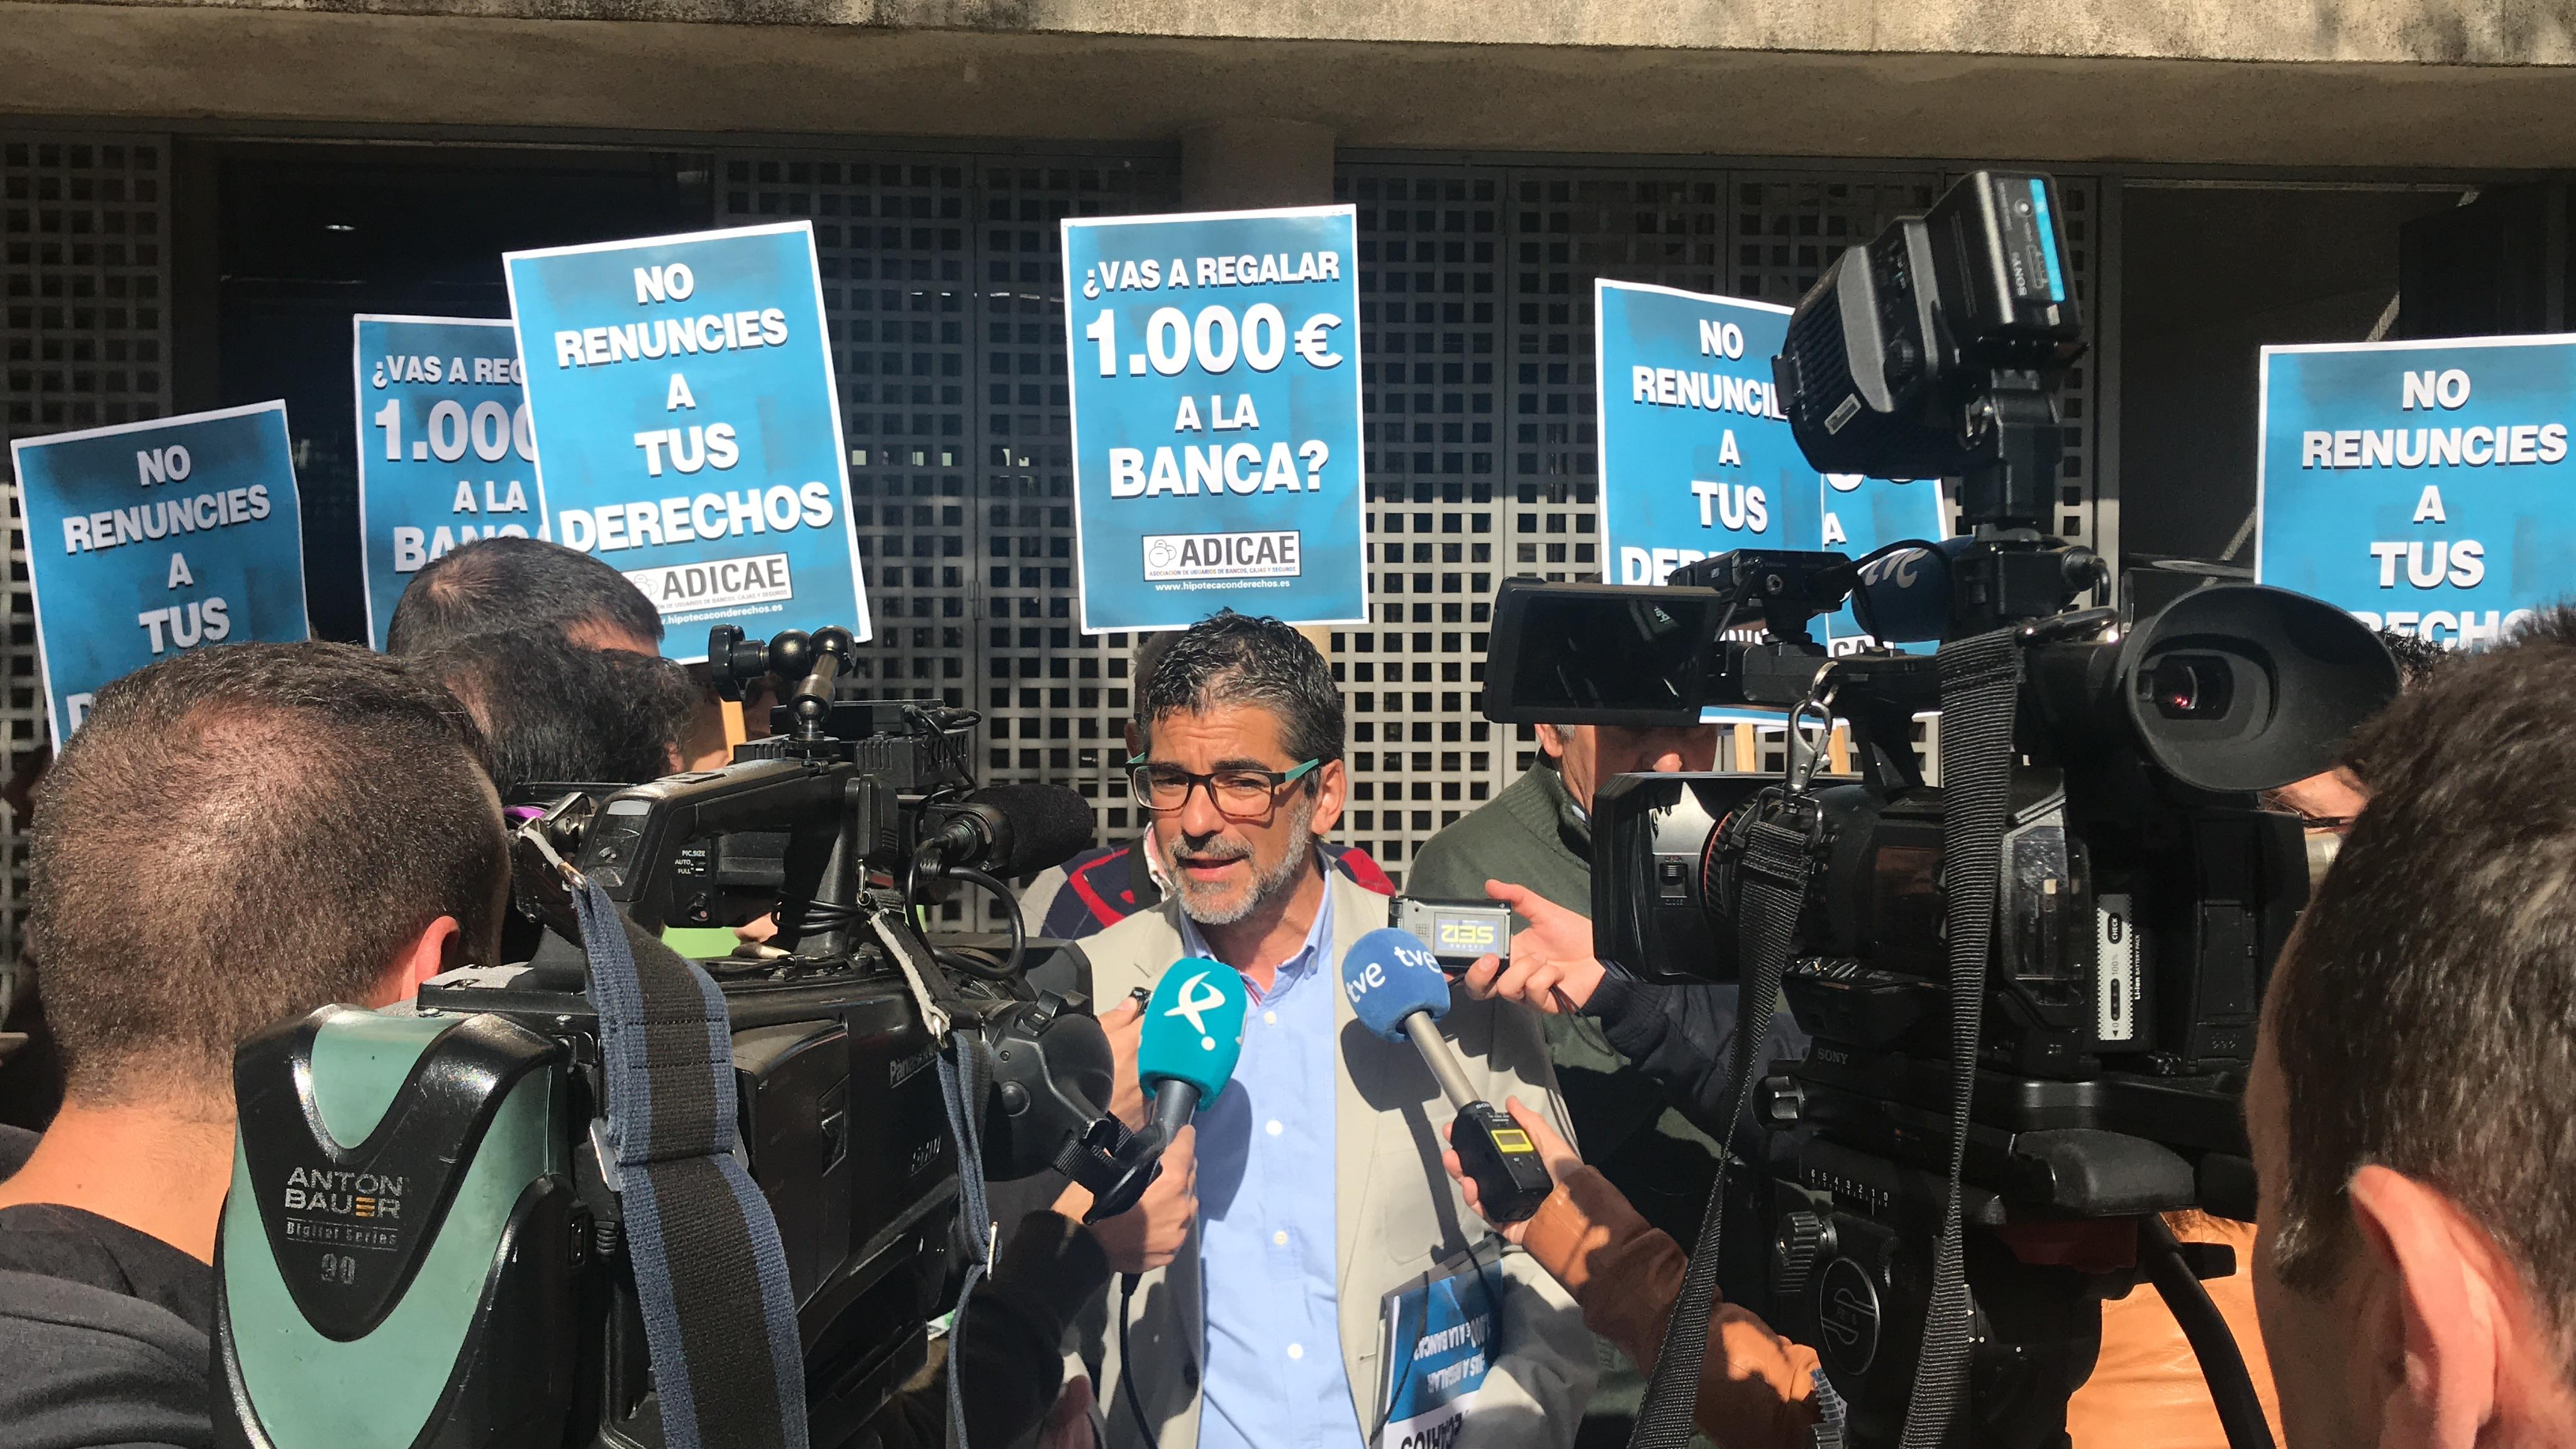 Rueda de prensa: Presentación demandas colectivas de Gastos Hipotecarios (I)